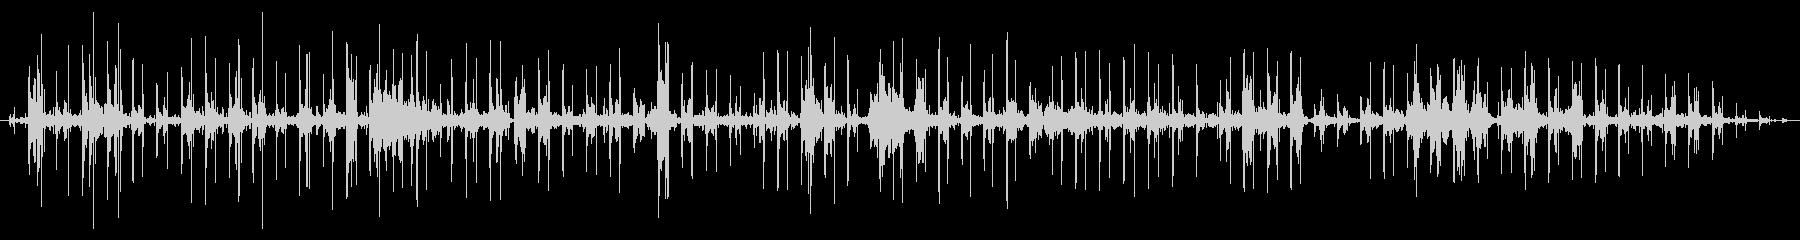 超音波ソノグラフ:一定の鼓動の未再生の波形